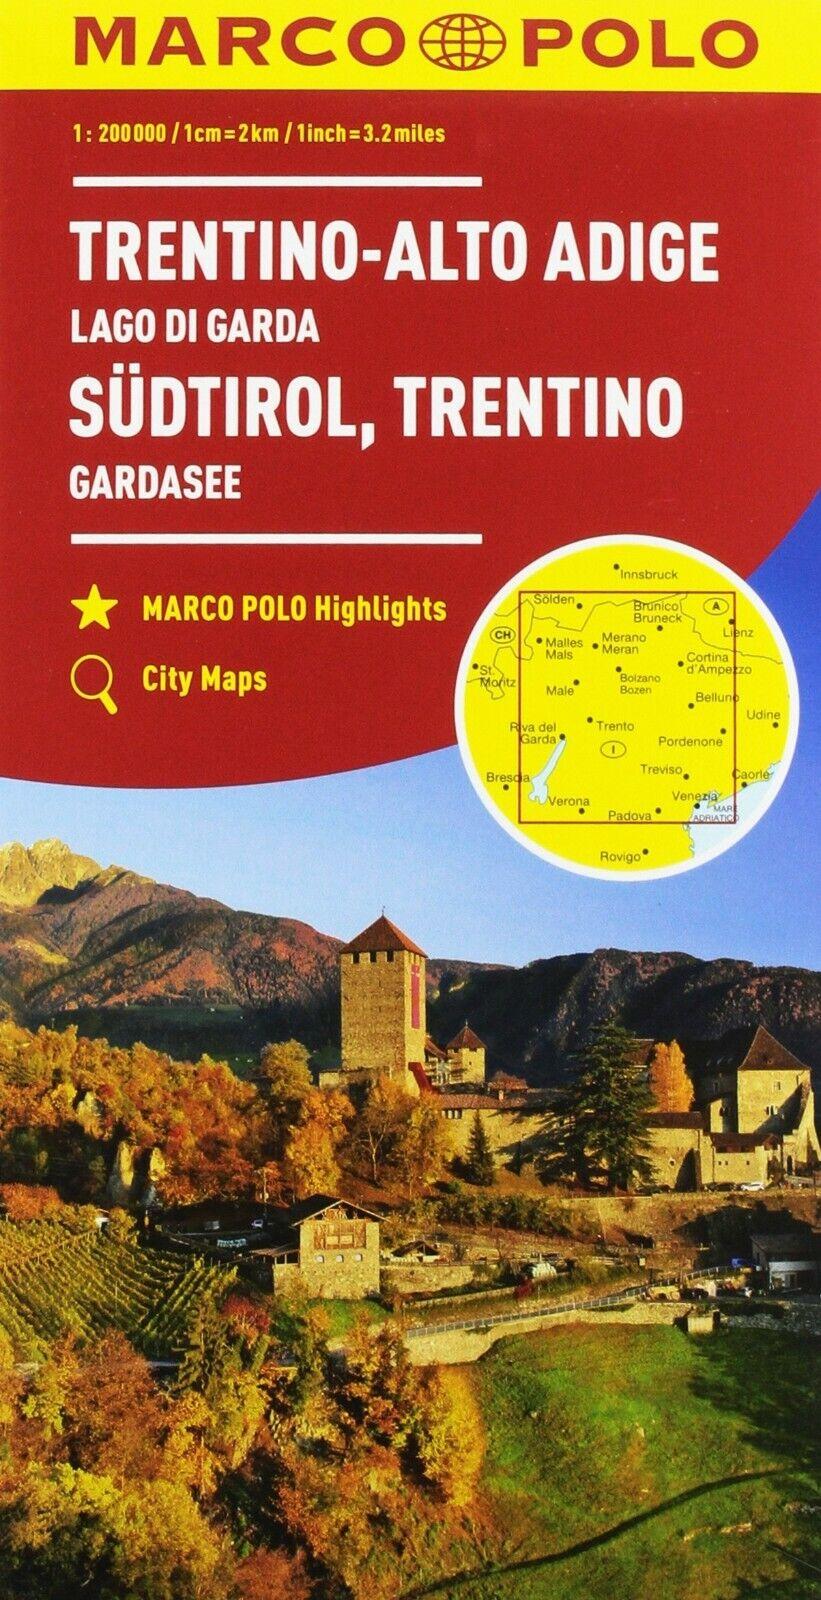 Cartina Stradale Del Trentino Alto Adige.Trentino Alto Adige Cartina Stradale Regionale 1 200 000 Mappa Carta Ebay